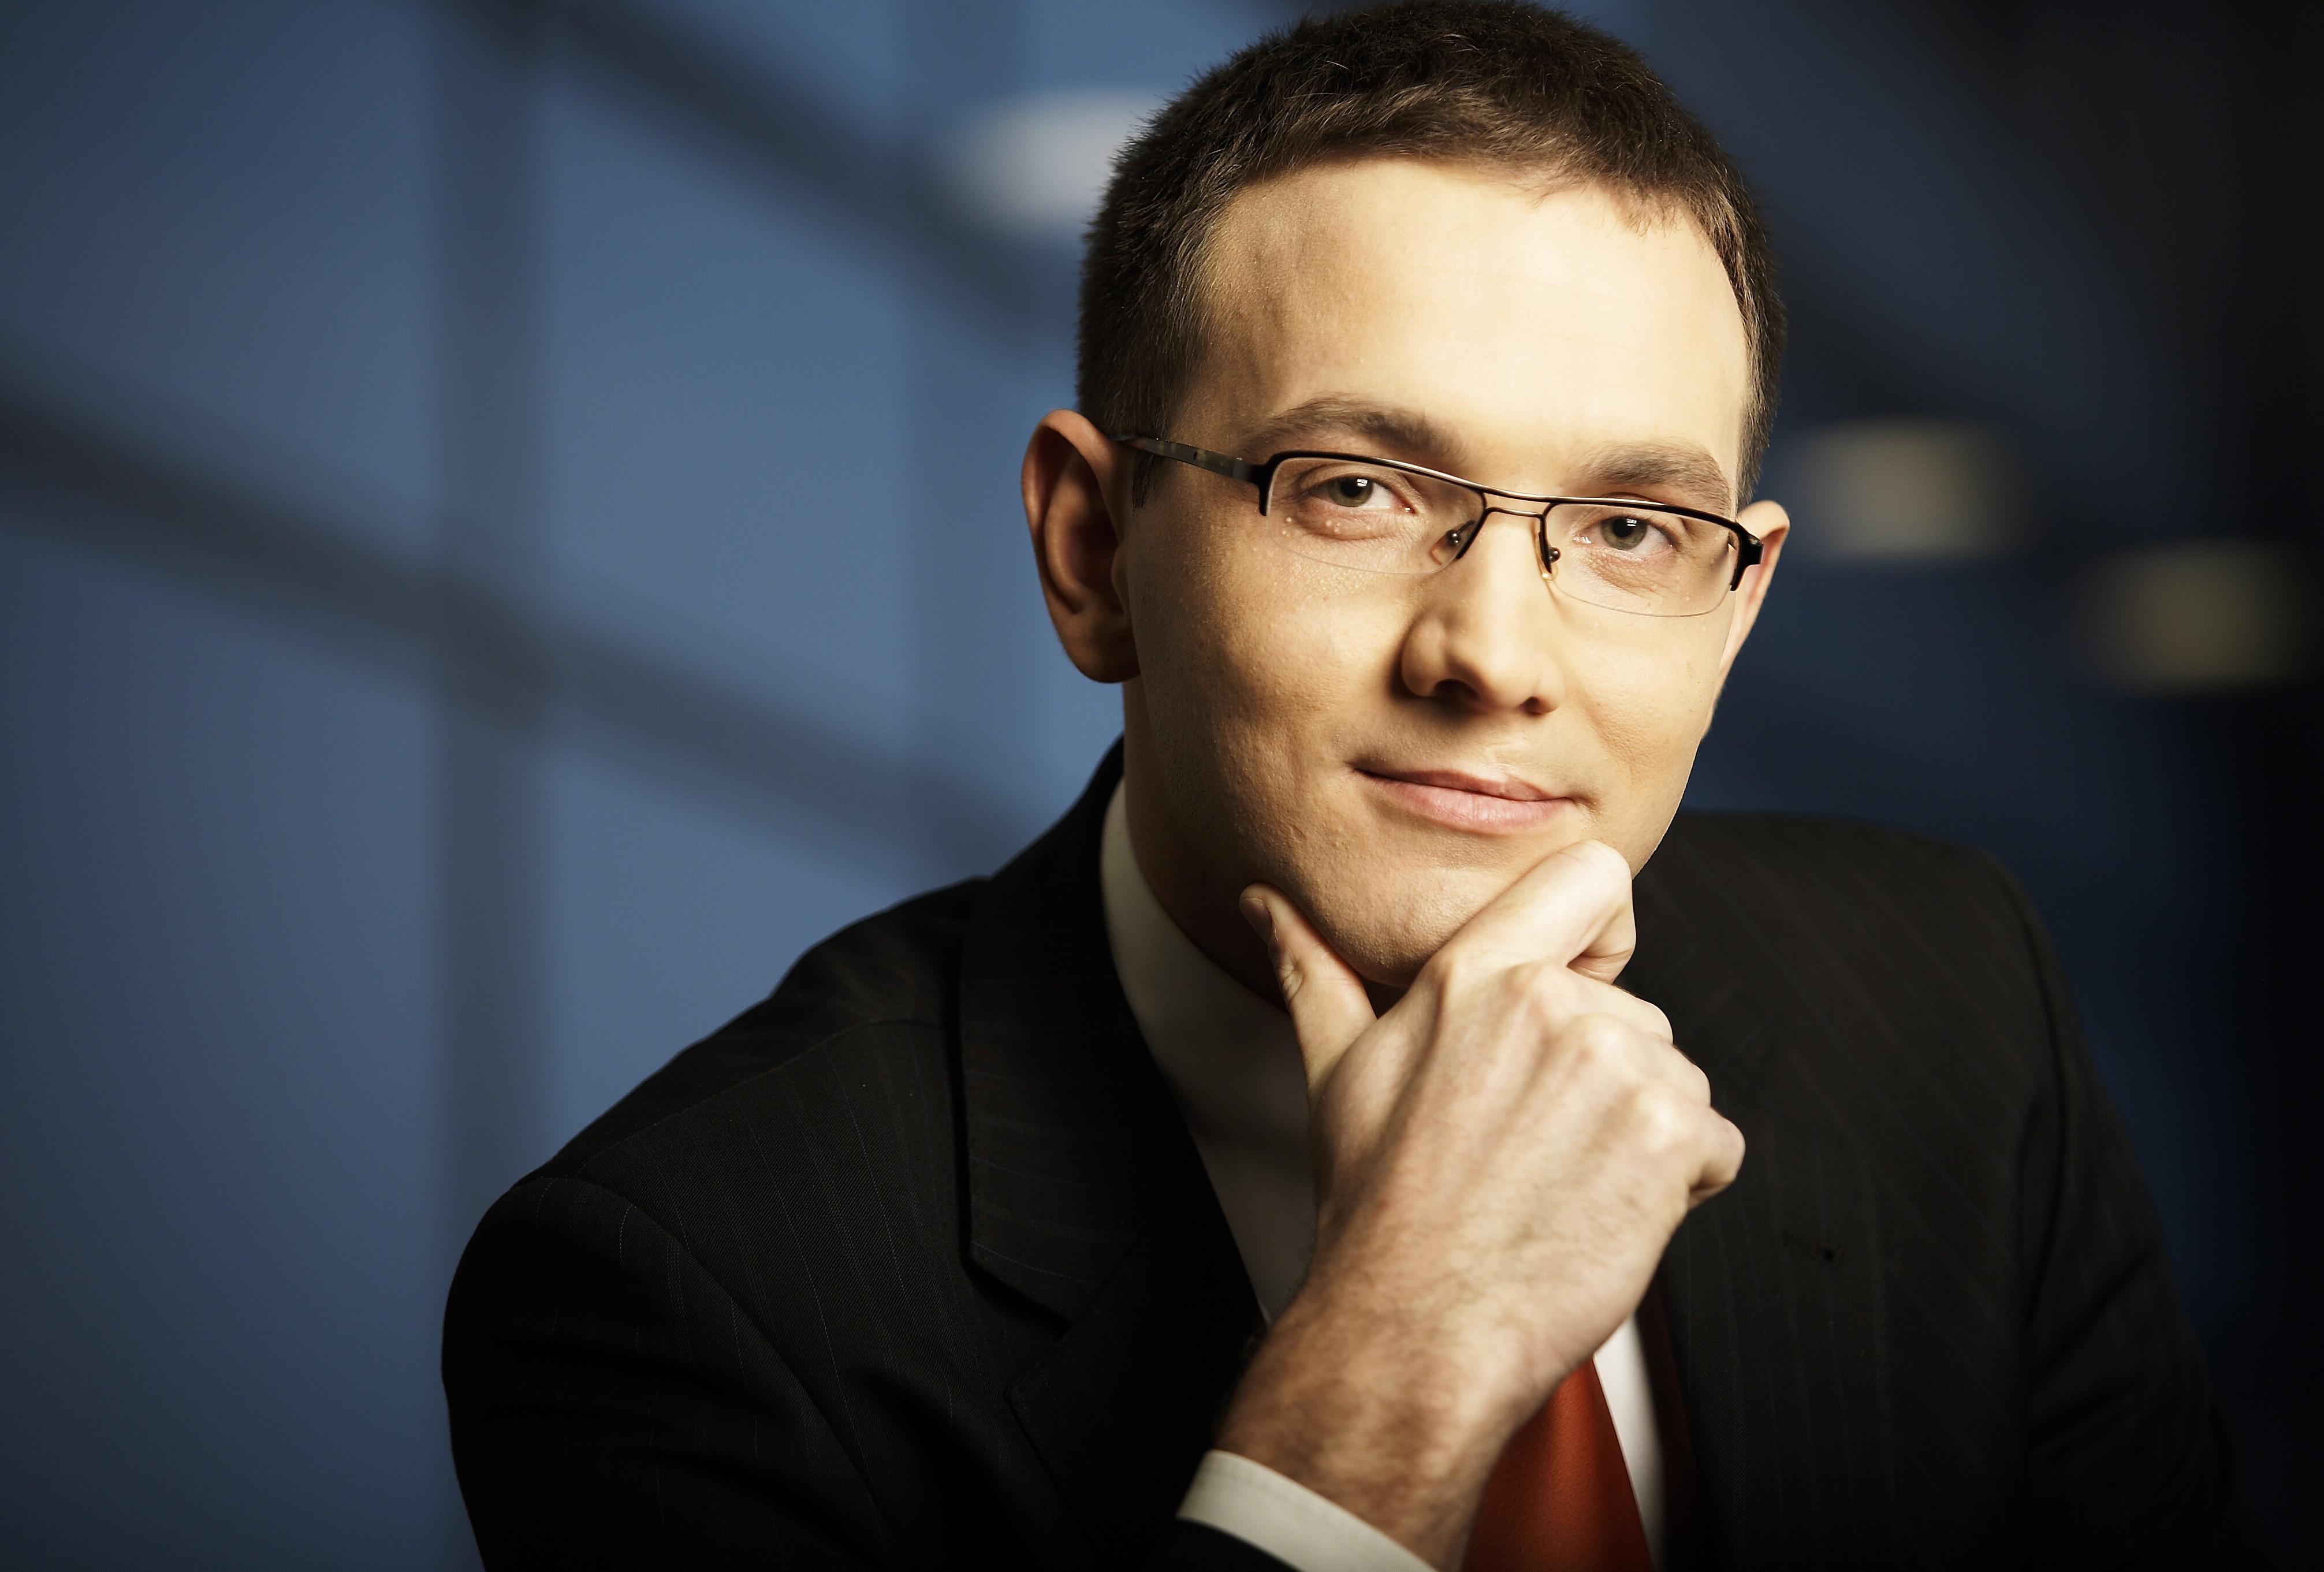 Tomasz Matras, Zastępca Dyrektora Inwestycyjnego ds. Akcji Union Investment TFI